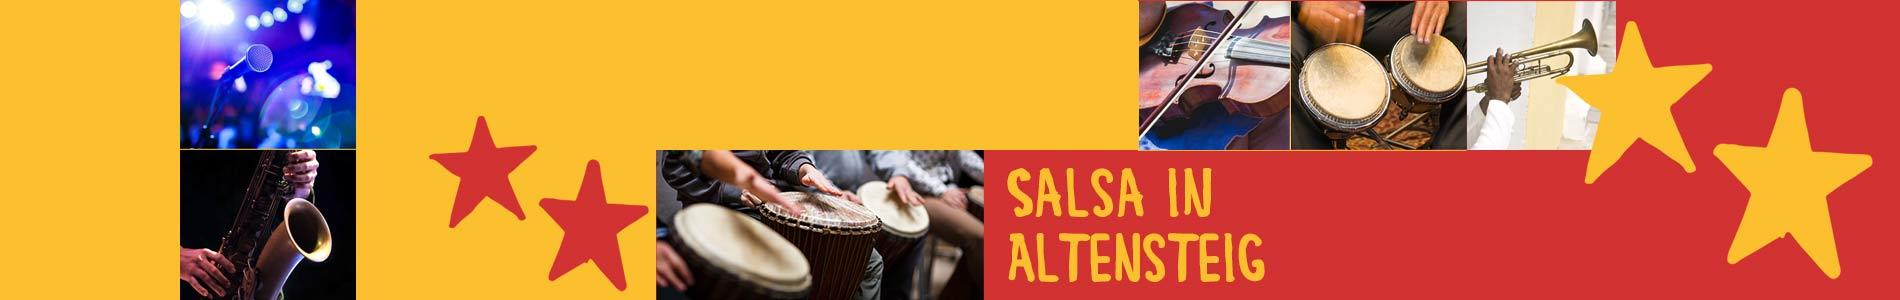 Salsa in Altensteig – Salsa lernen und tanzen, Tanzkurse, Partys, Veranstaltungen